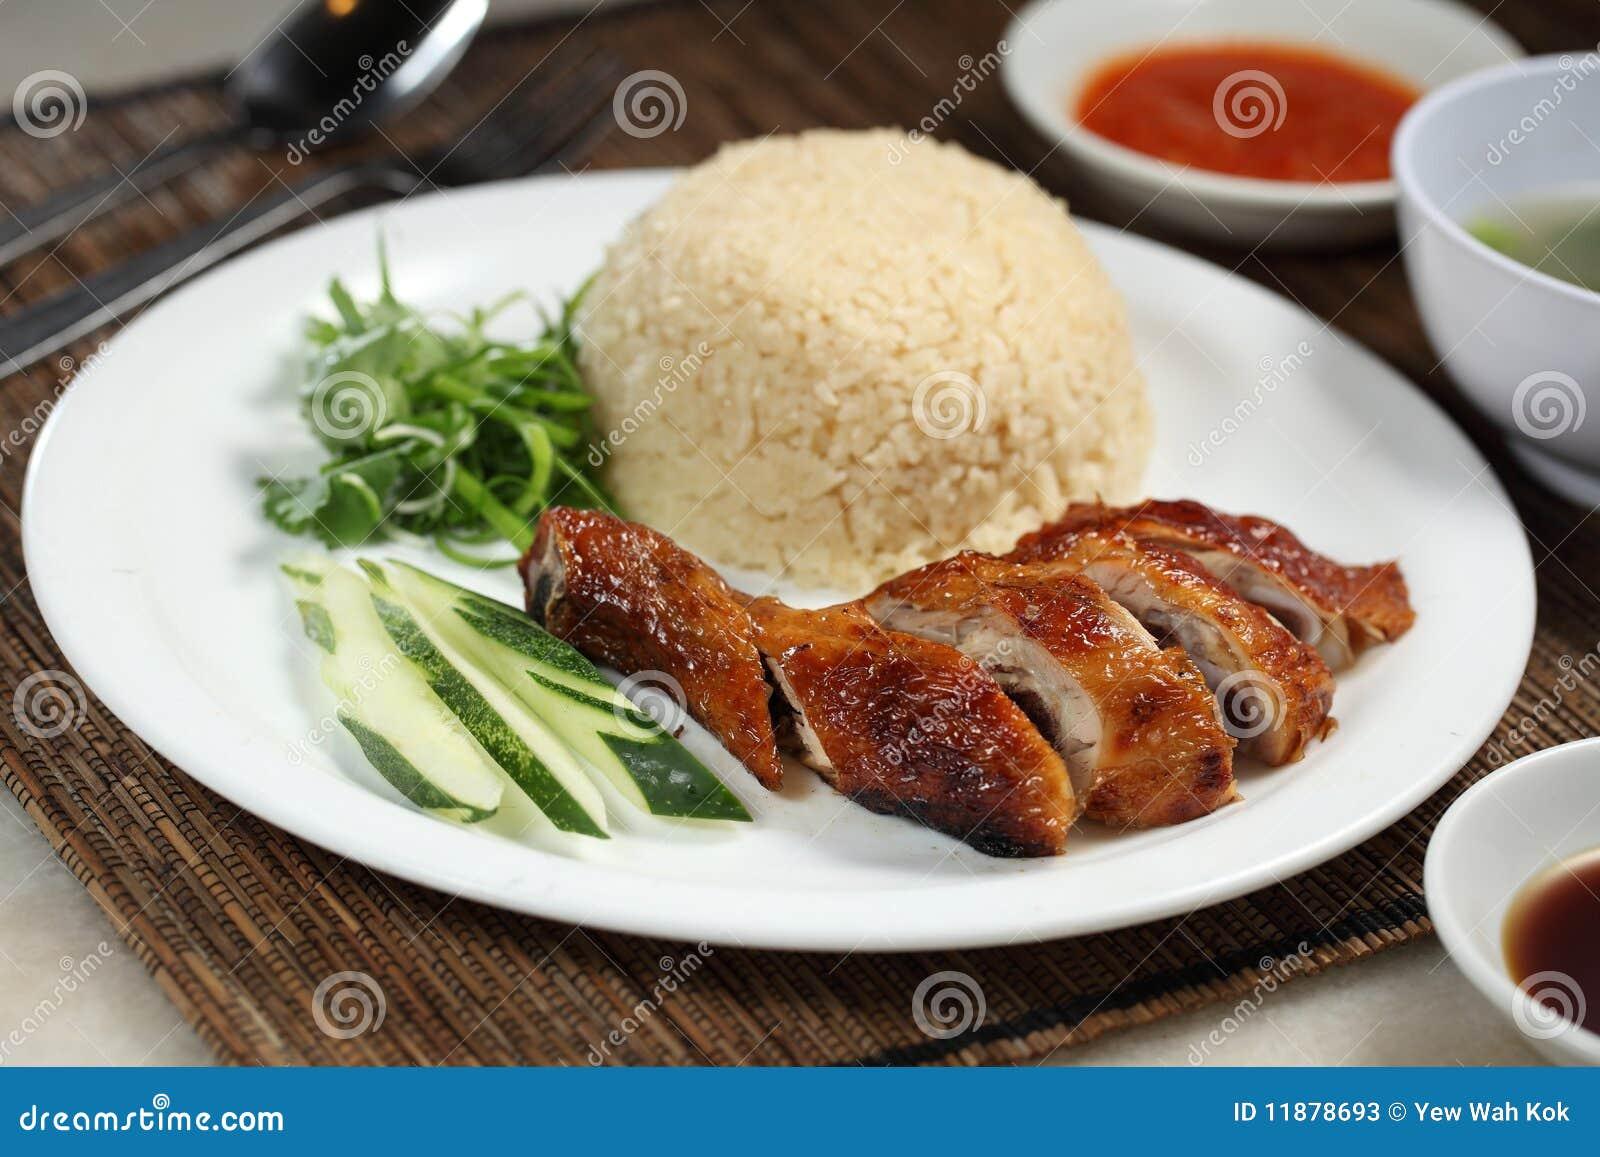 Chicken rice recipes urdu